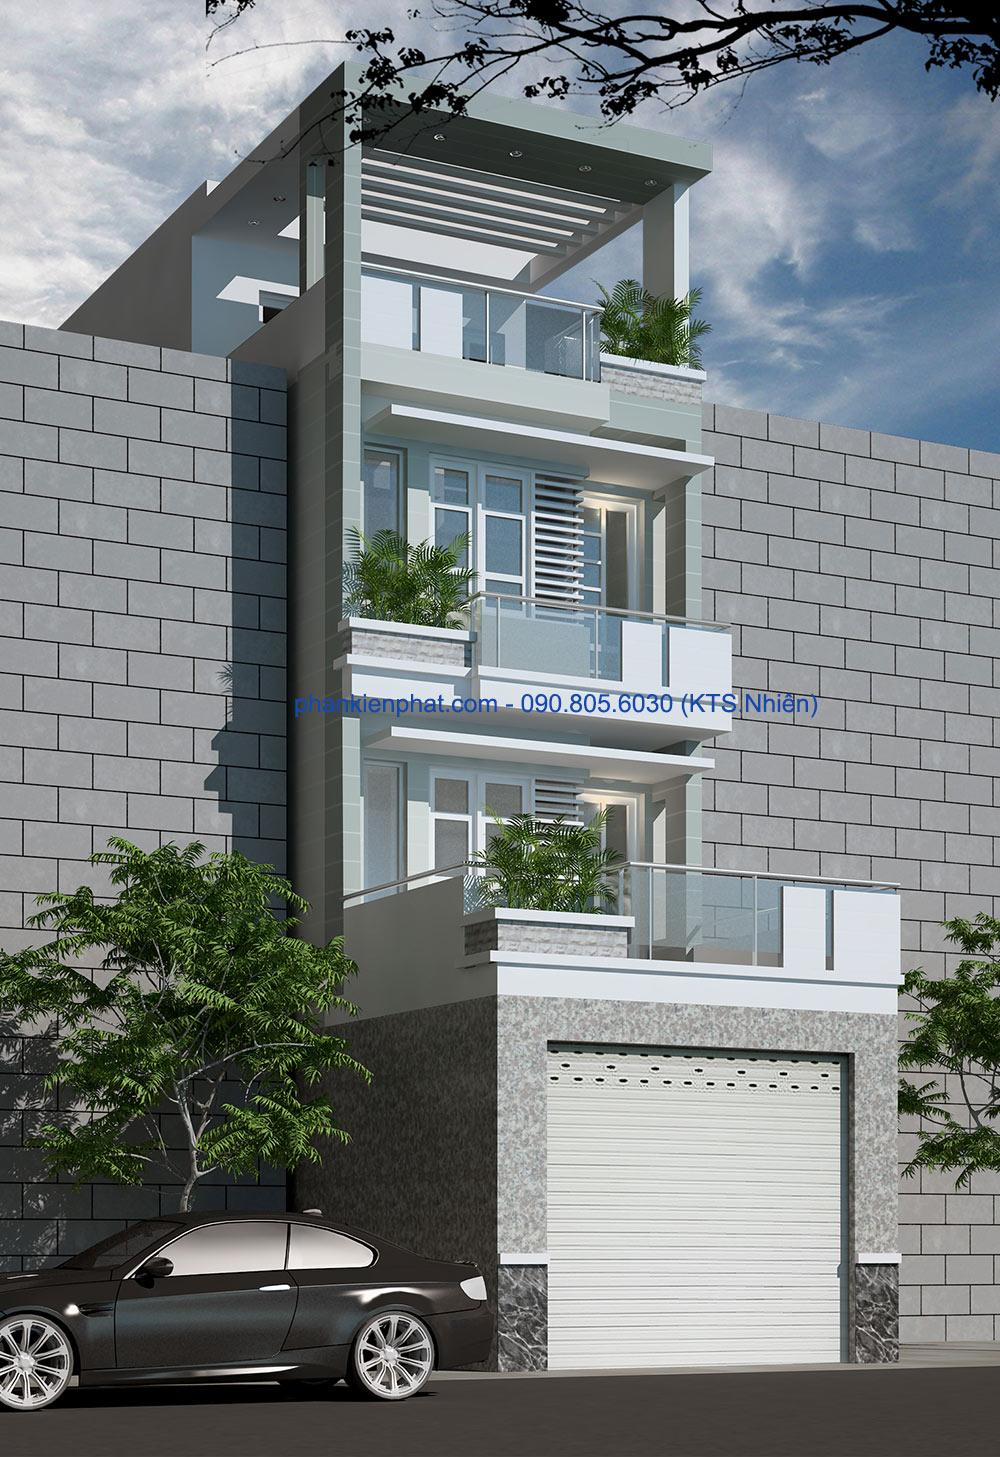 Mặt tiền của bản thiết kế nhà phố 4 tầng 4,5x20m